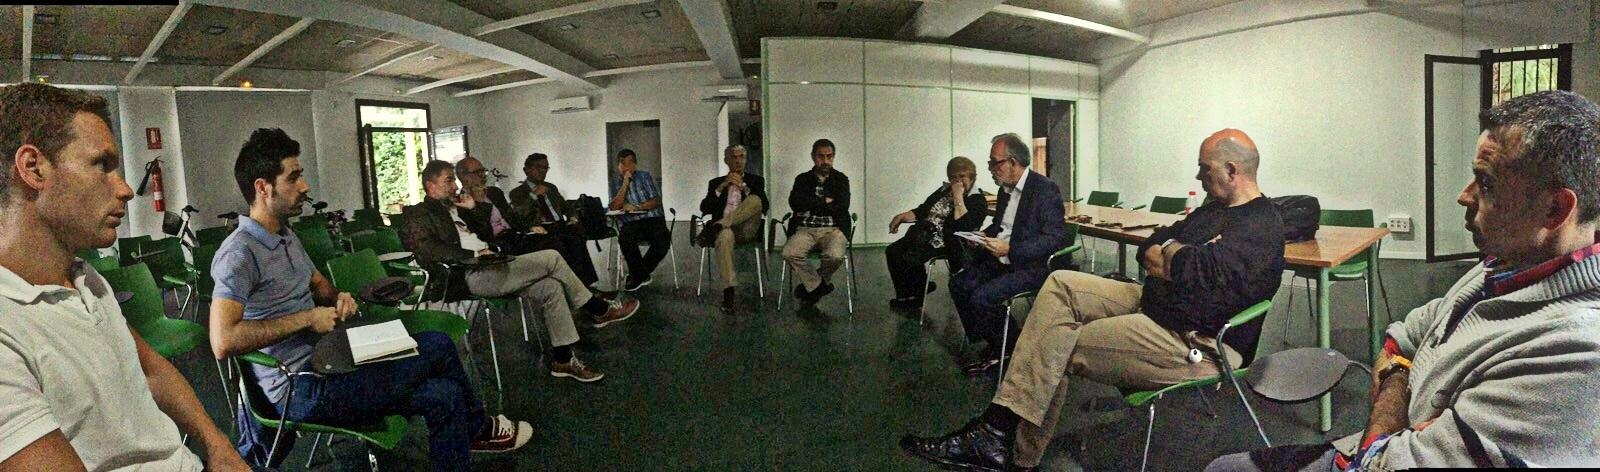 Reunión en el Aula Bioclimática